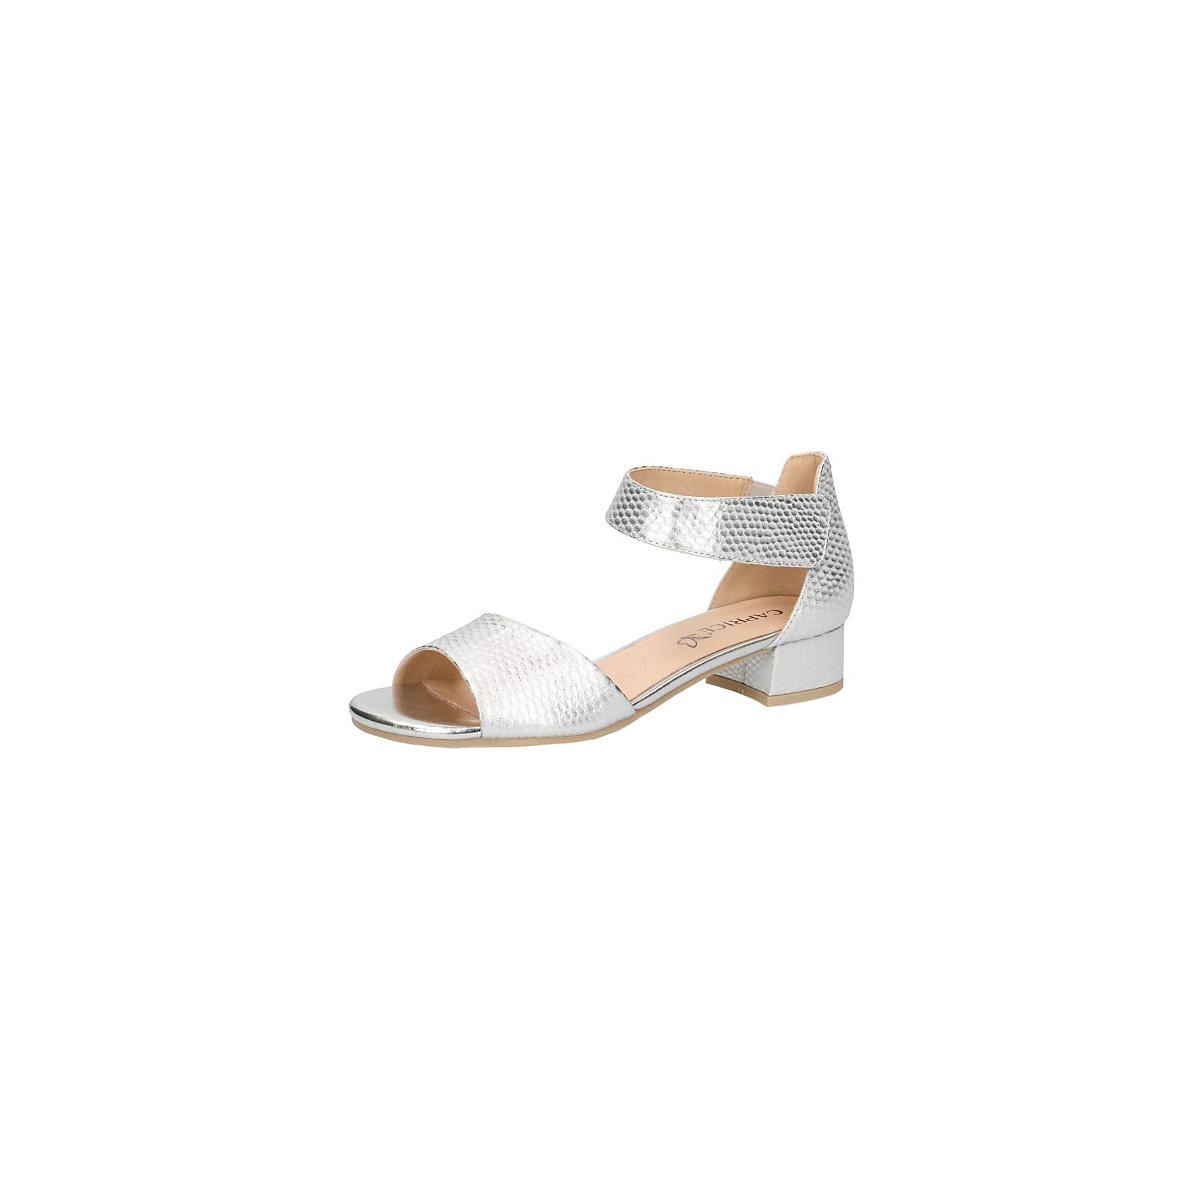 CAPRICE, Klassische Sandaletten, silber  Gute Qualität beliebte Schuhe